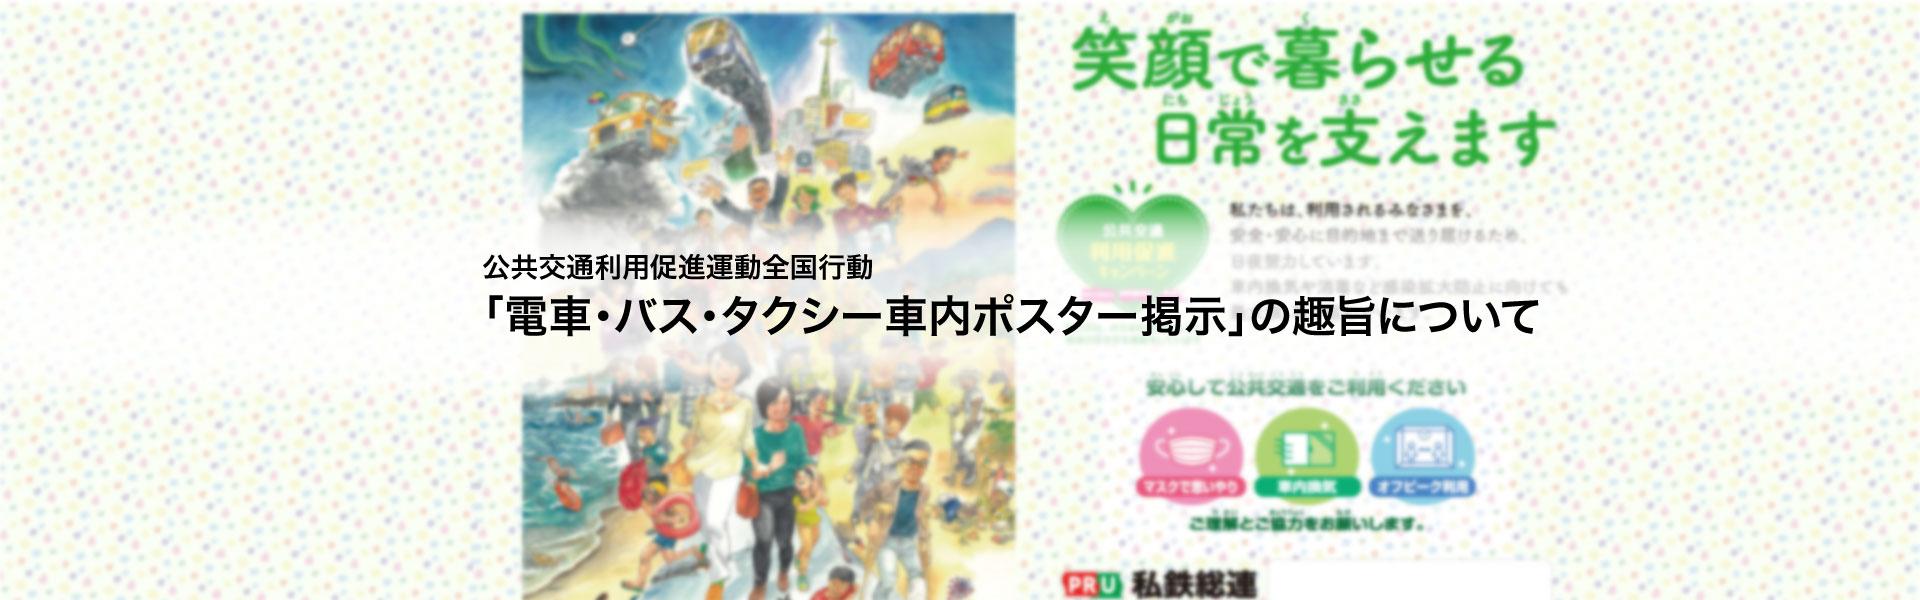 私鉄総連メインビジュアル5